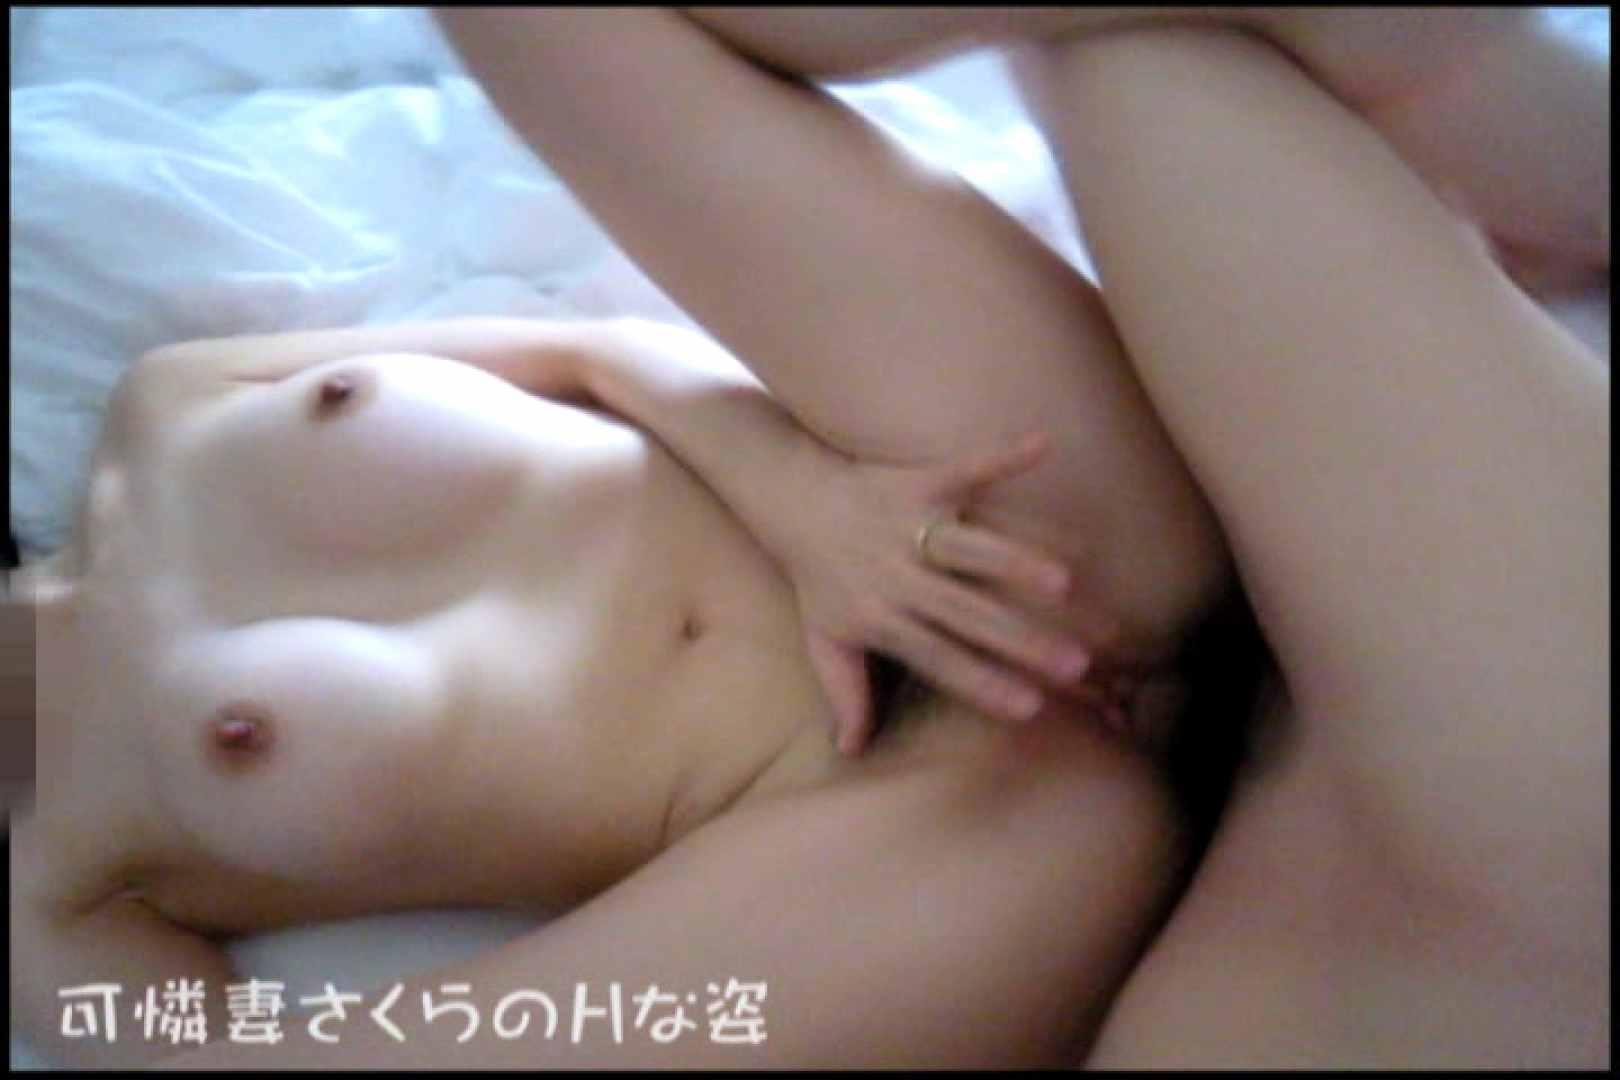 可憐妻さくらのHな姿vol.11 OL | セックス  47連発 23